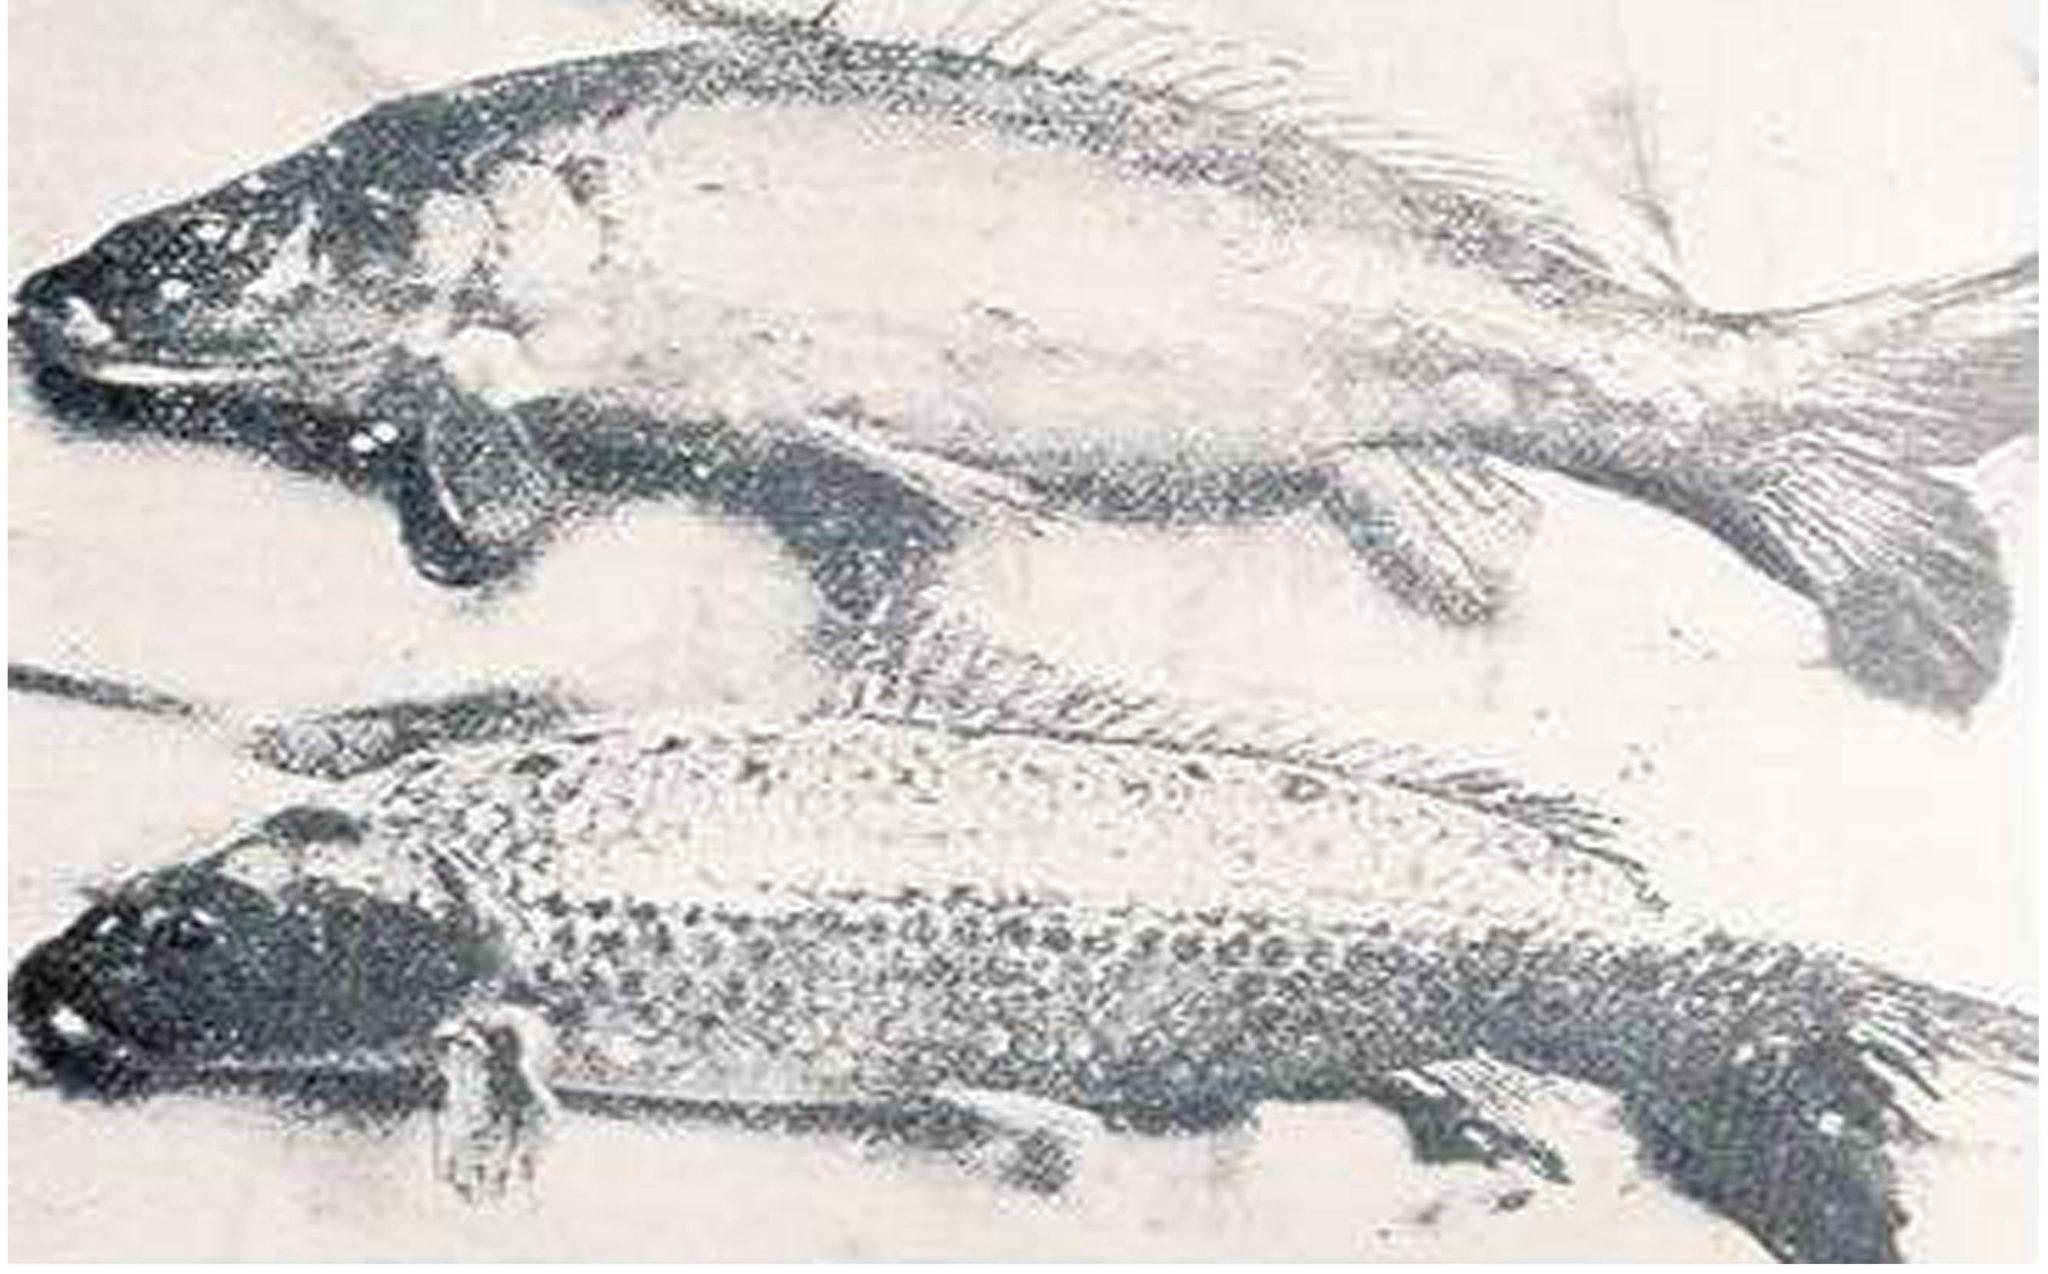 Sejarah Koi Tanpa Sisik – Doitsugoi